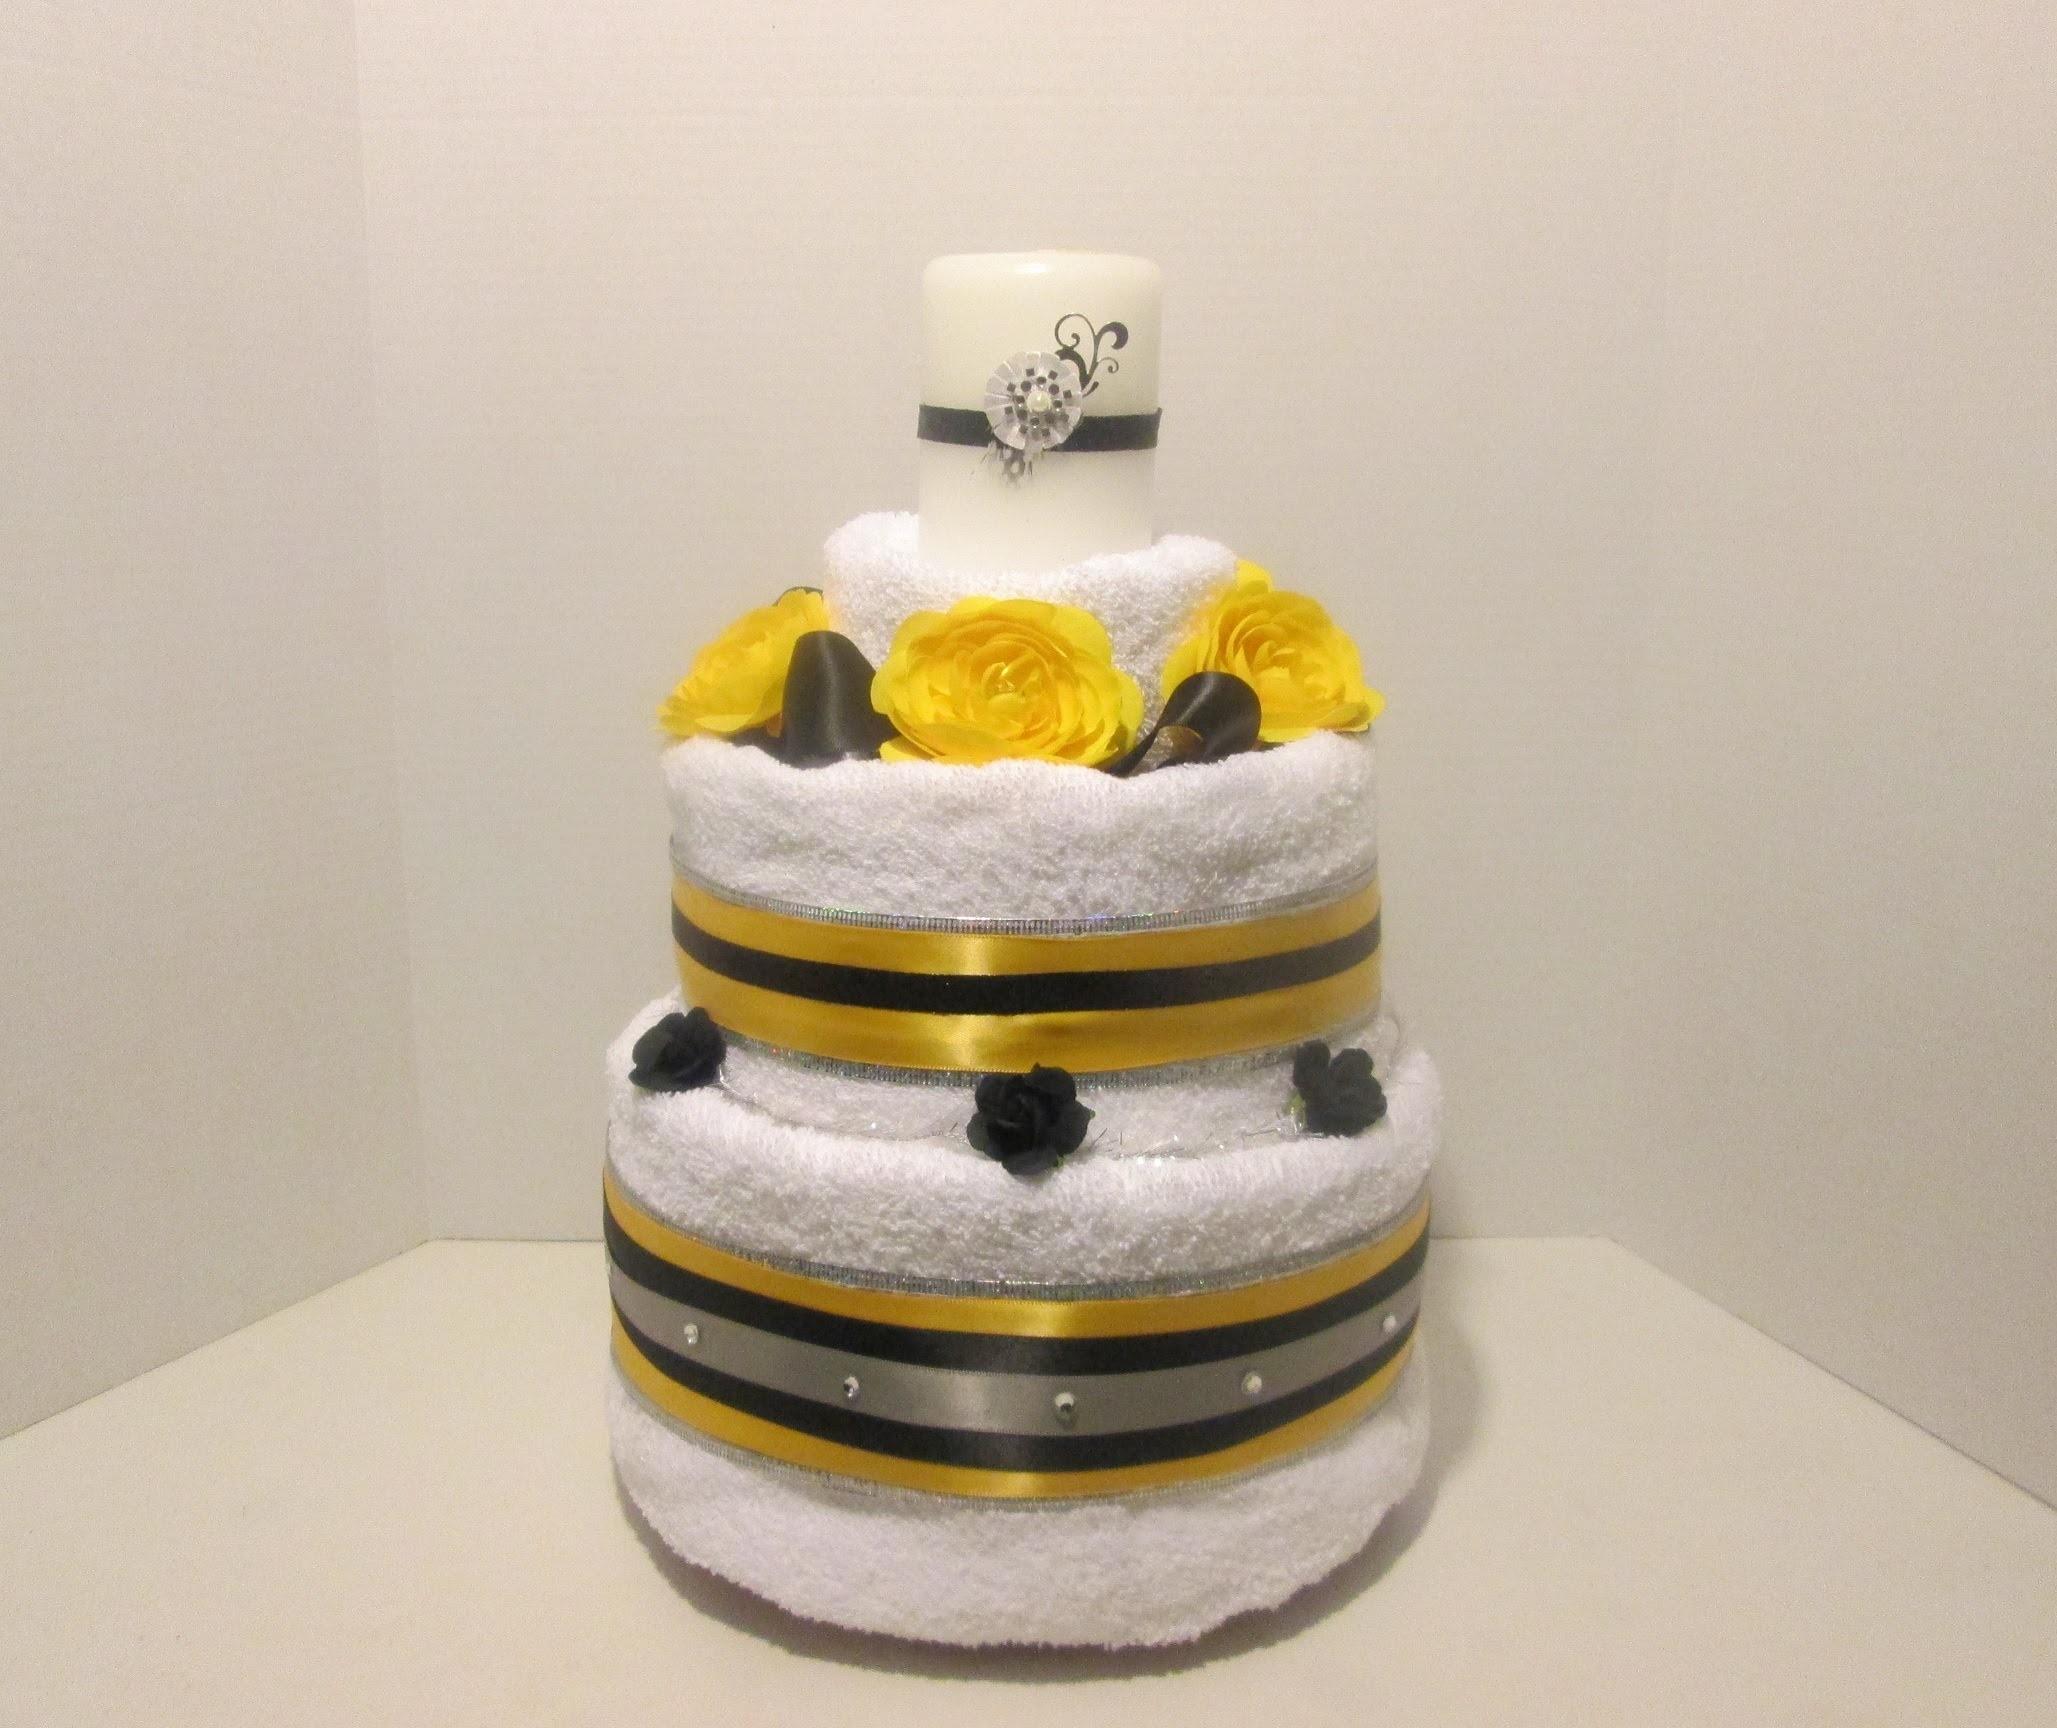 How to Make a Bridal Towel Cake (Take 1)